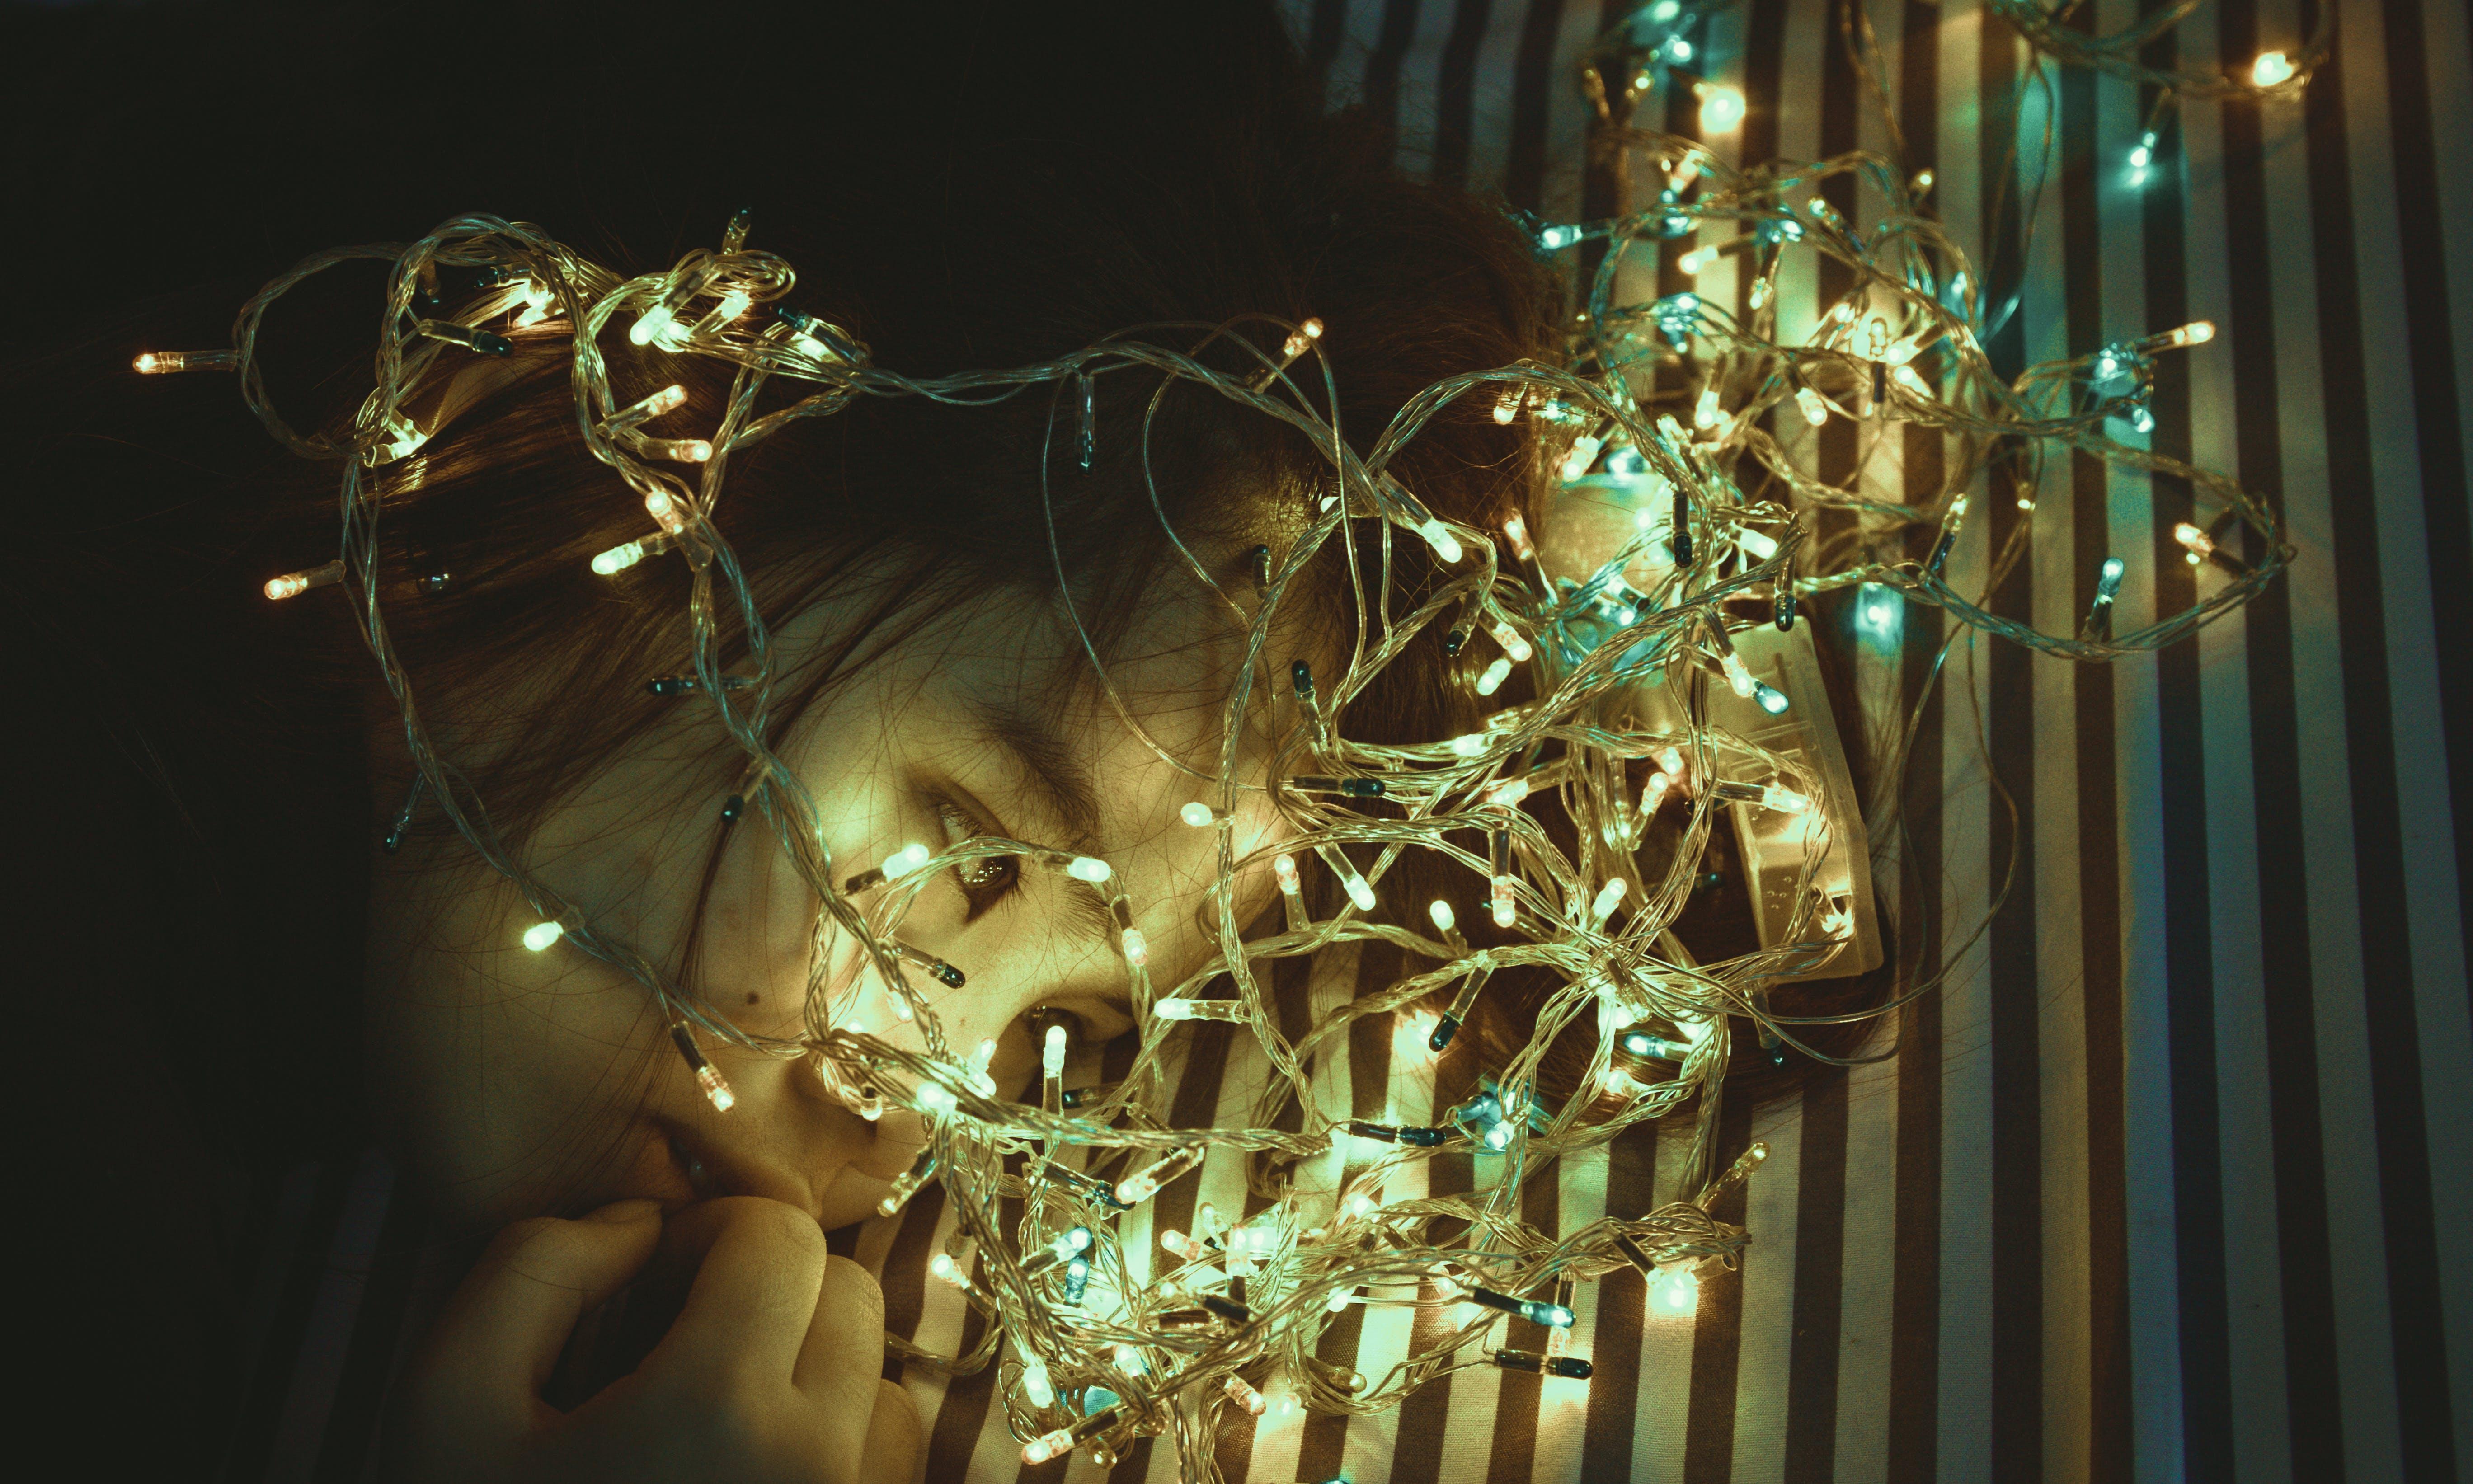 Gratis stockfoto met beeldscherm, belicht, kerstlampen, lampen